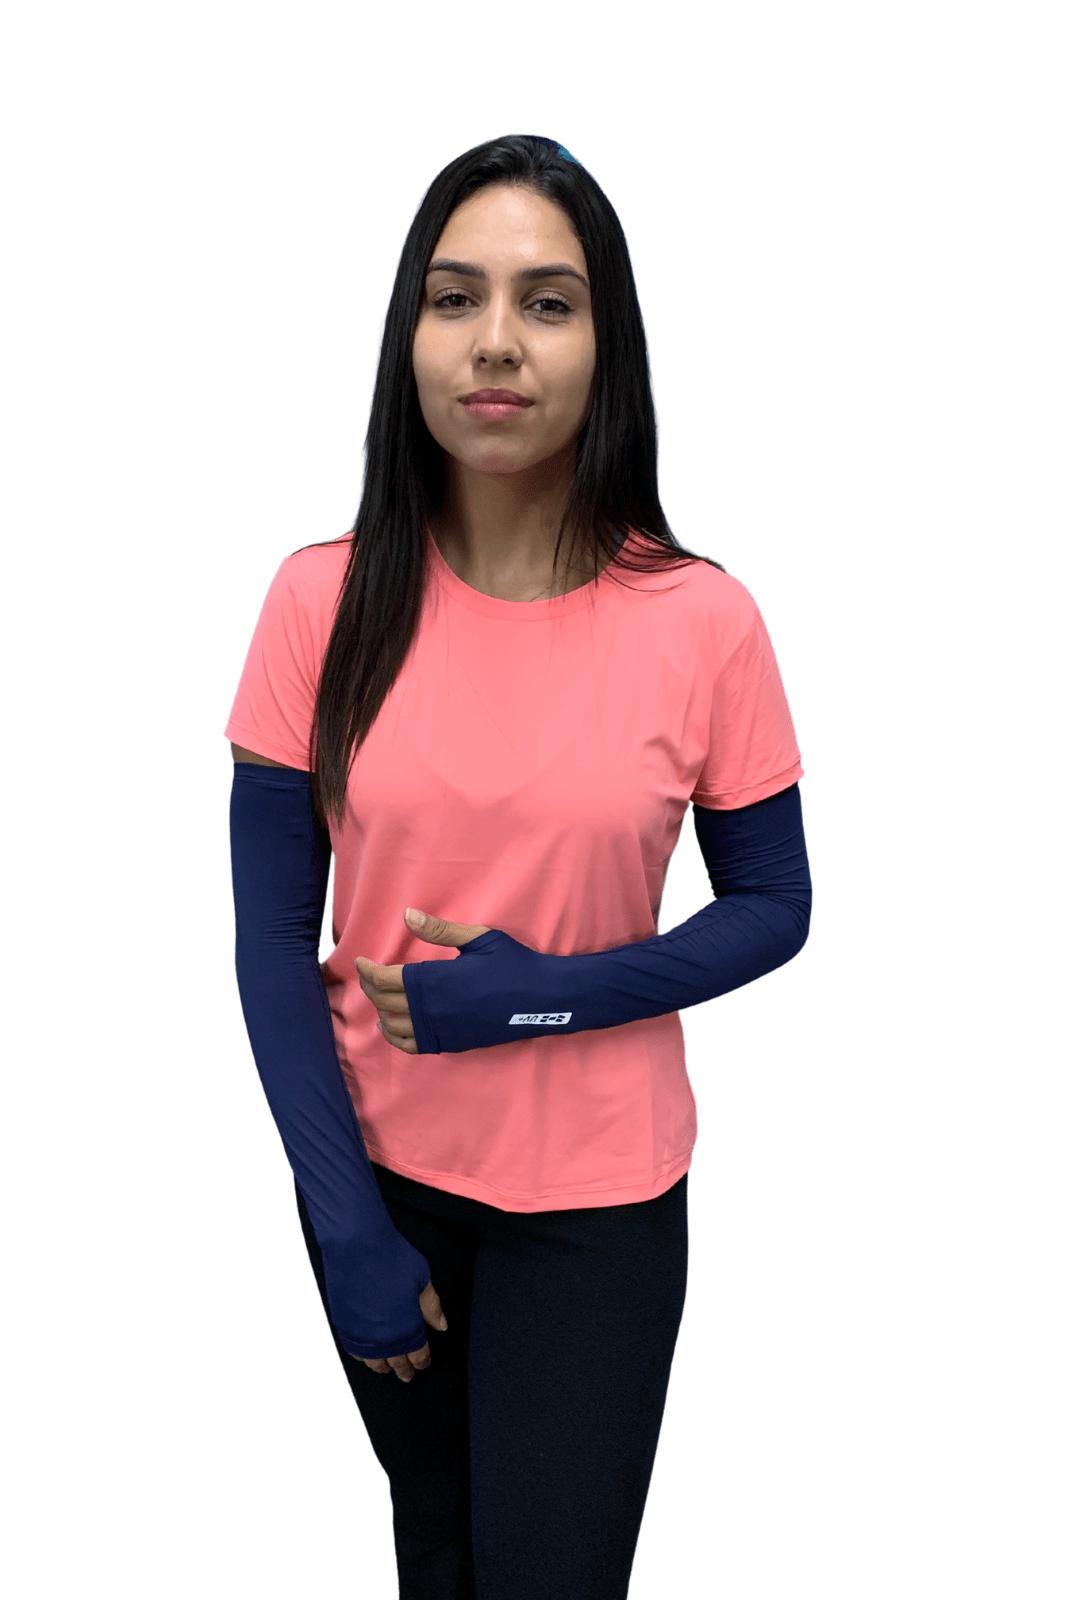 Par de Manguito Liso Proteção para Braços UV 50+ com Punho - Marinho